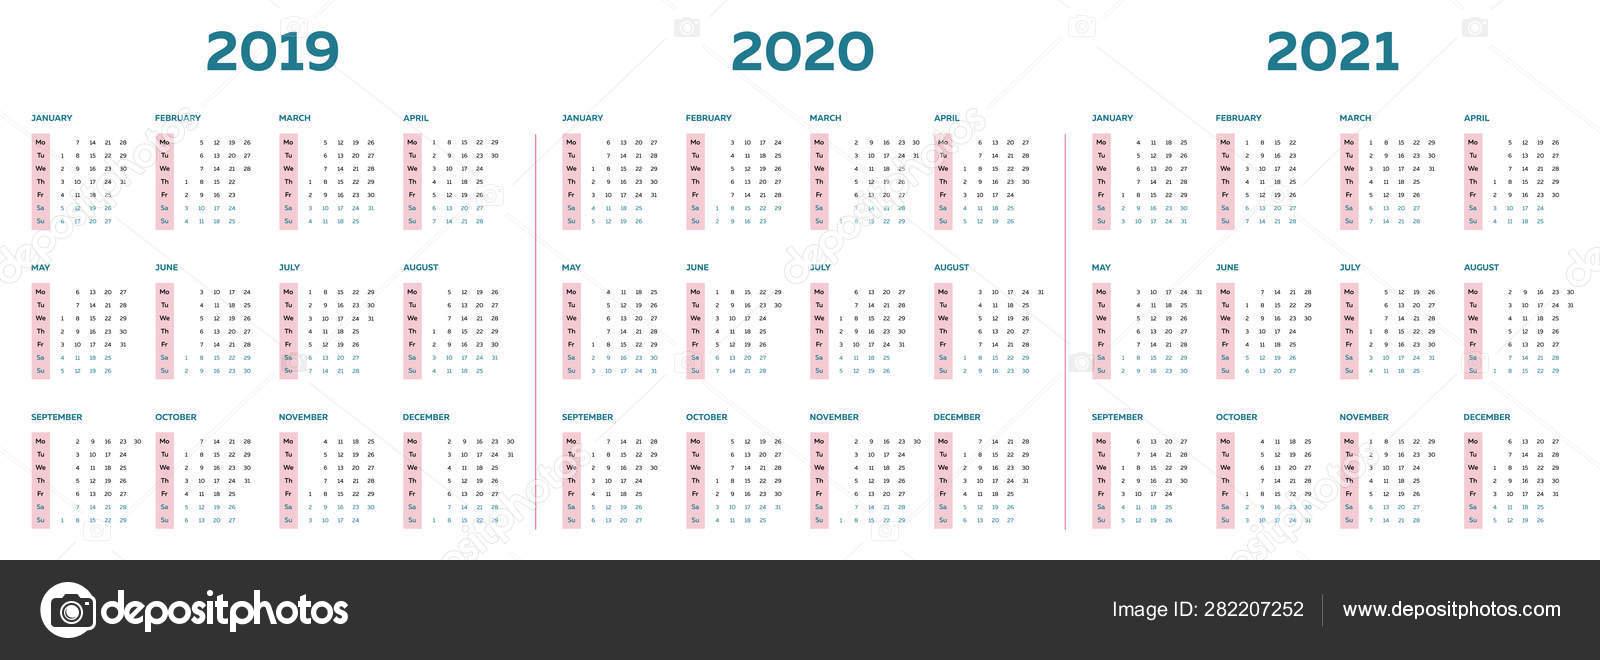 2 Column Calendar 2020 | Calendar Printables Free Templates